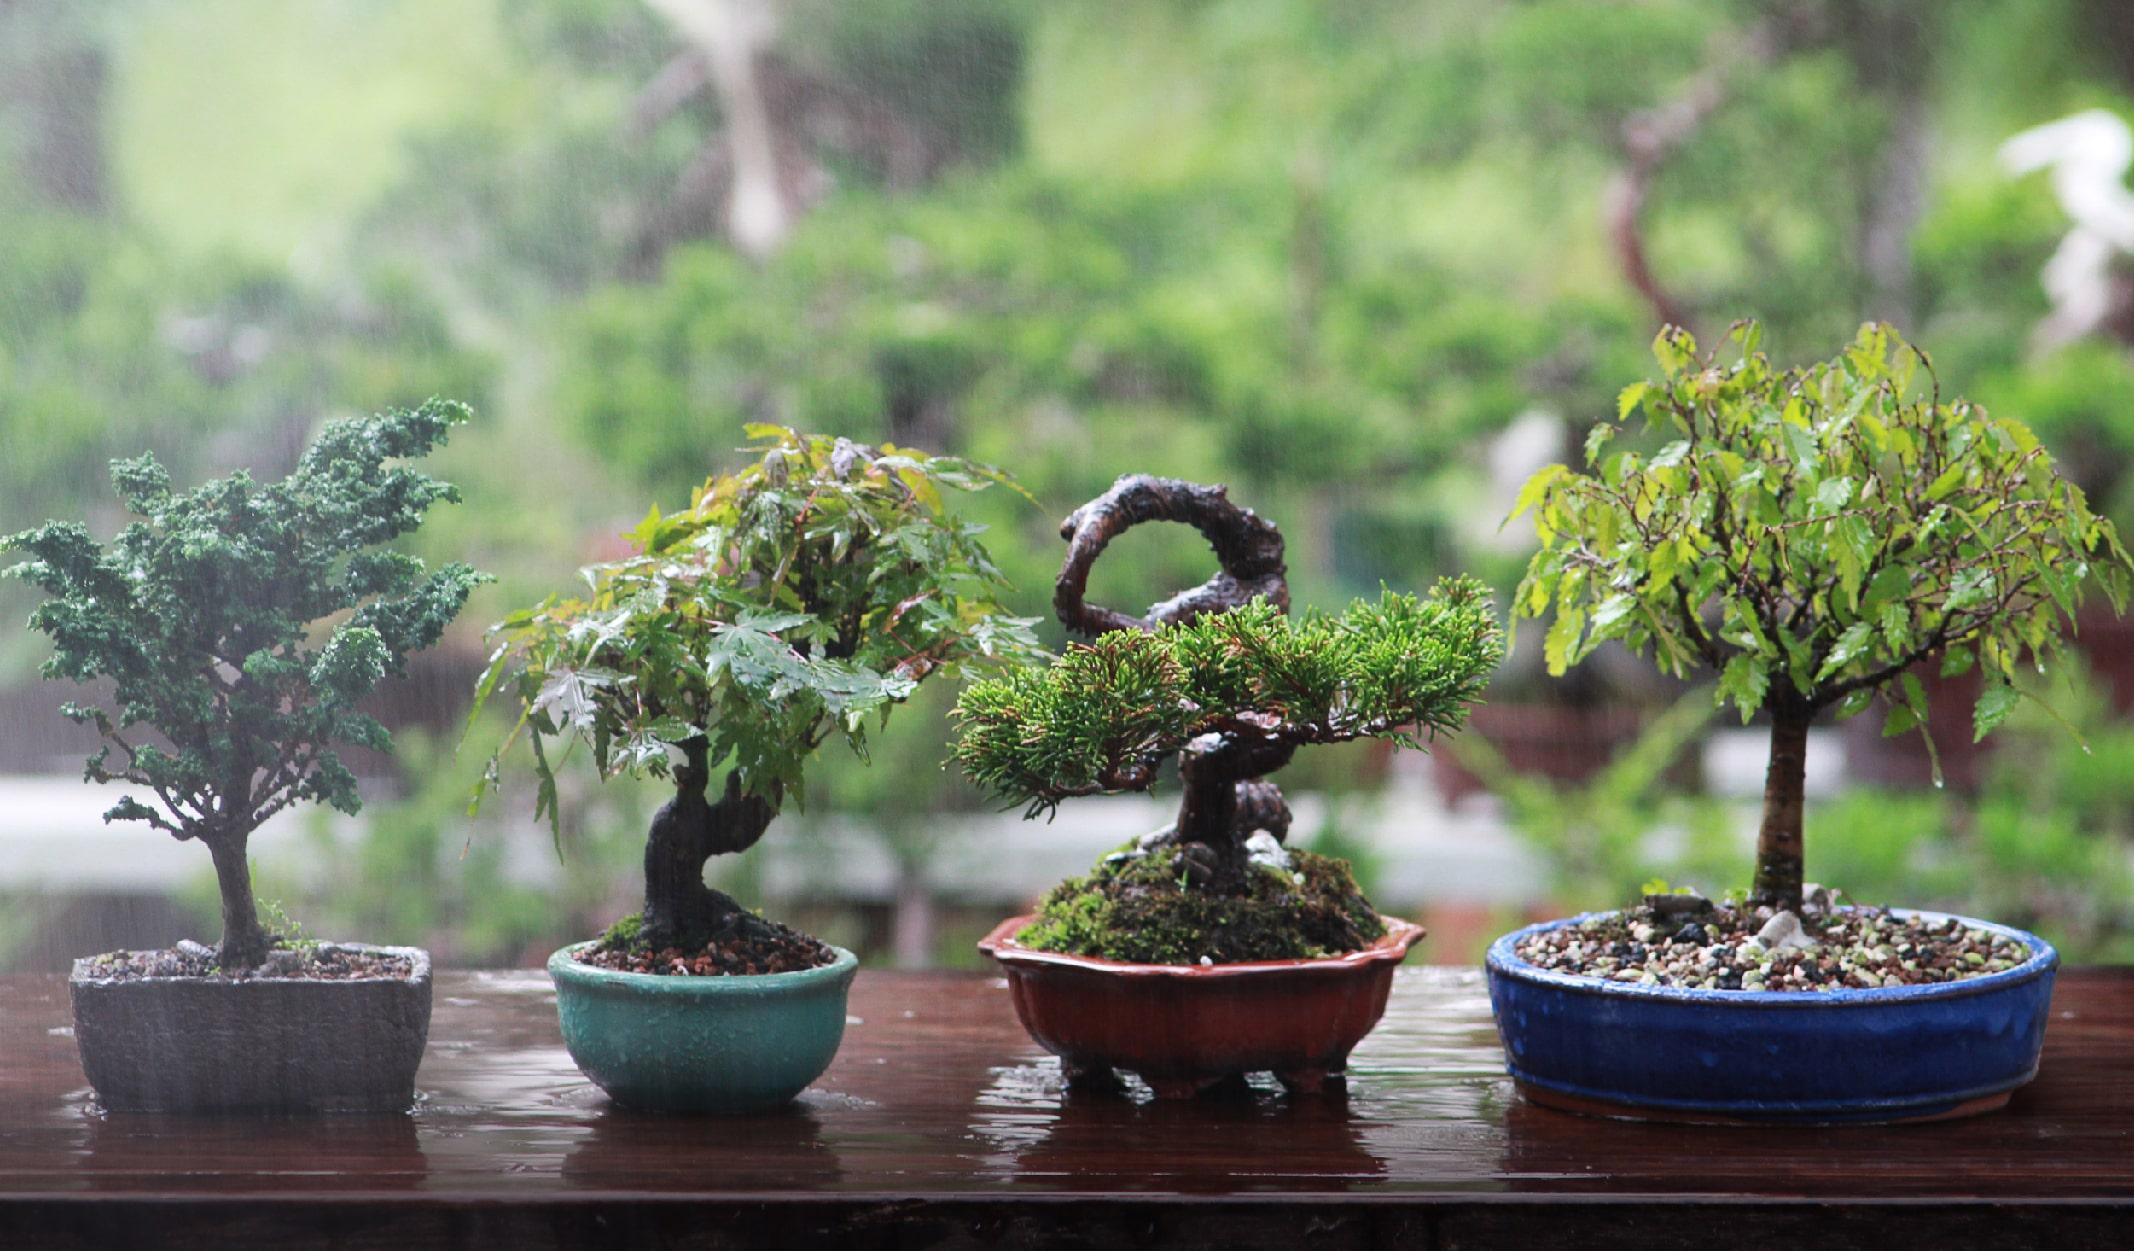 minyatür ağaç